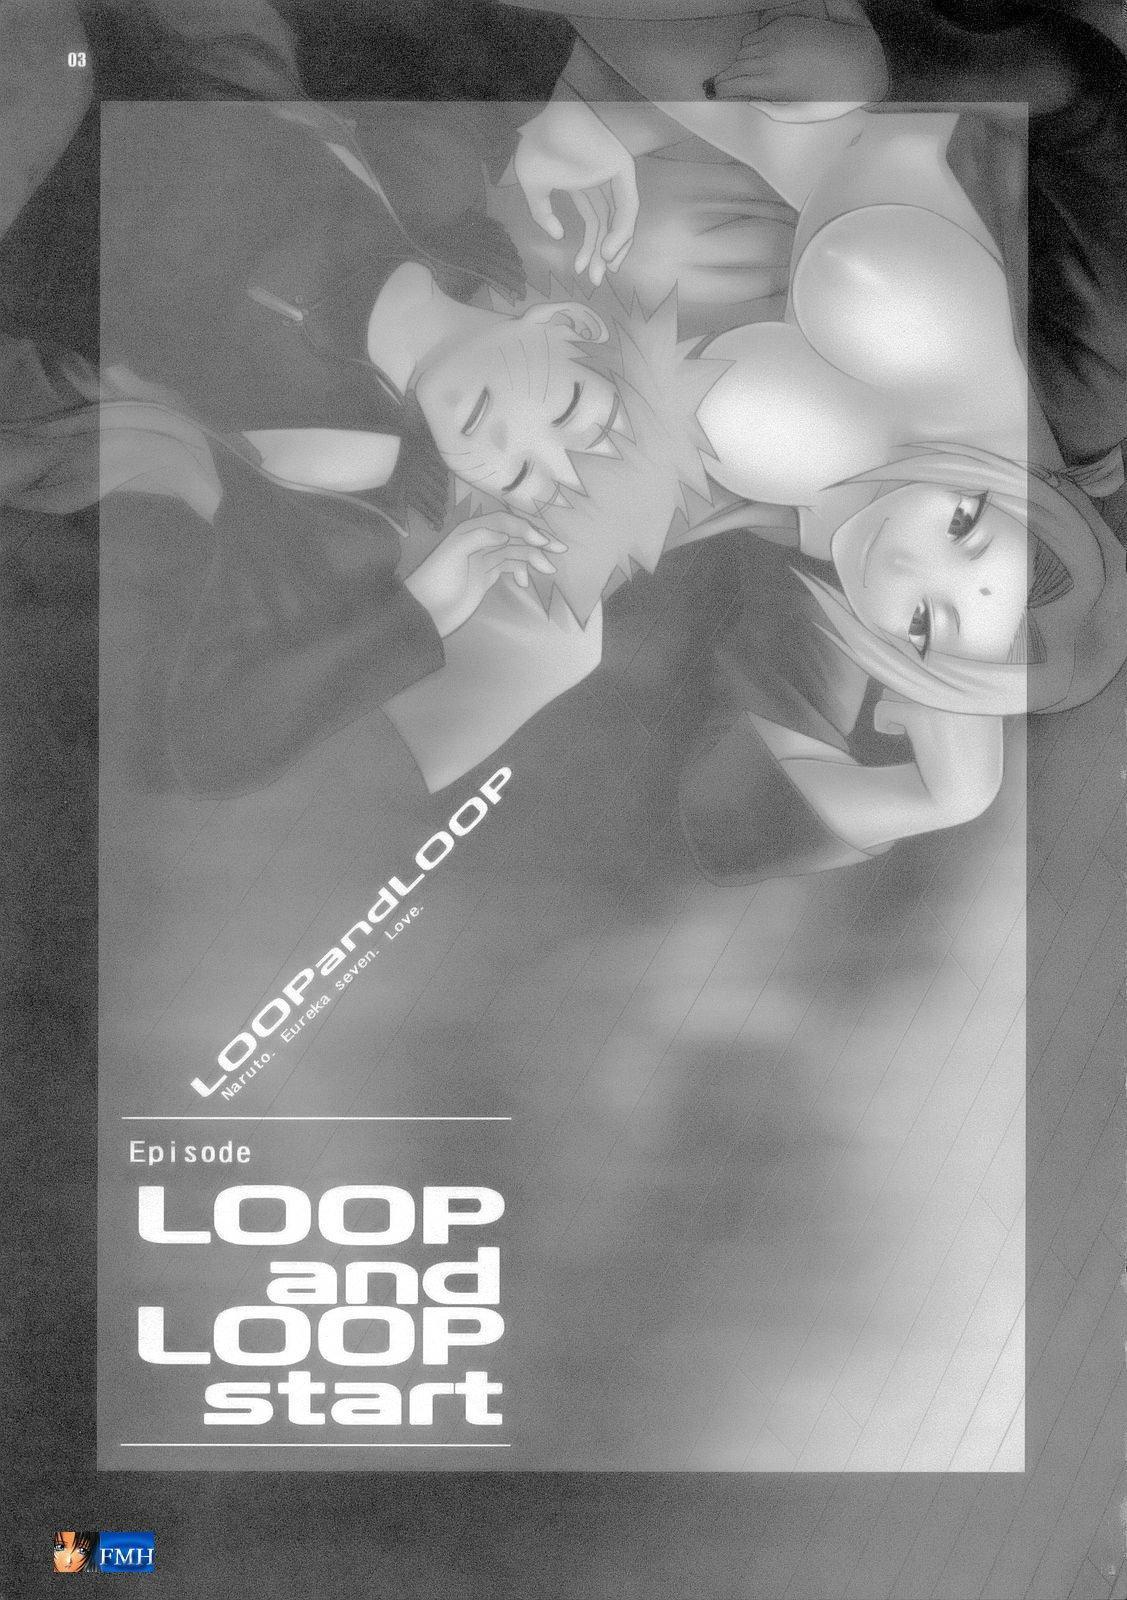 Loop and Loop 2